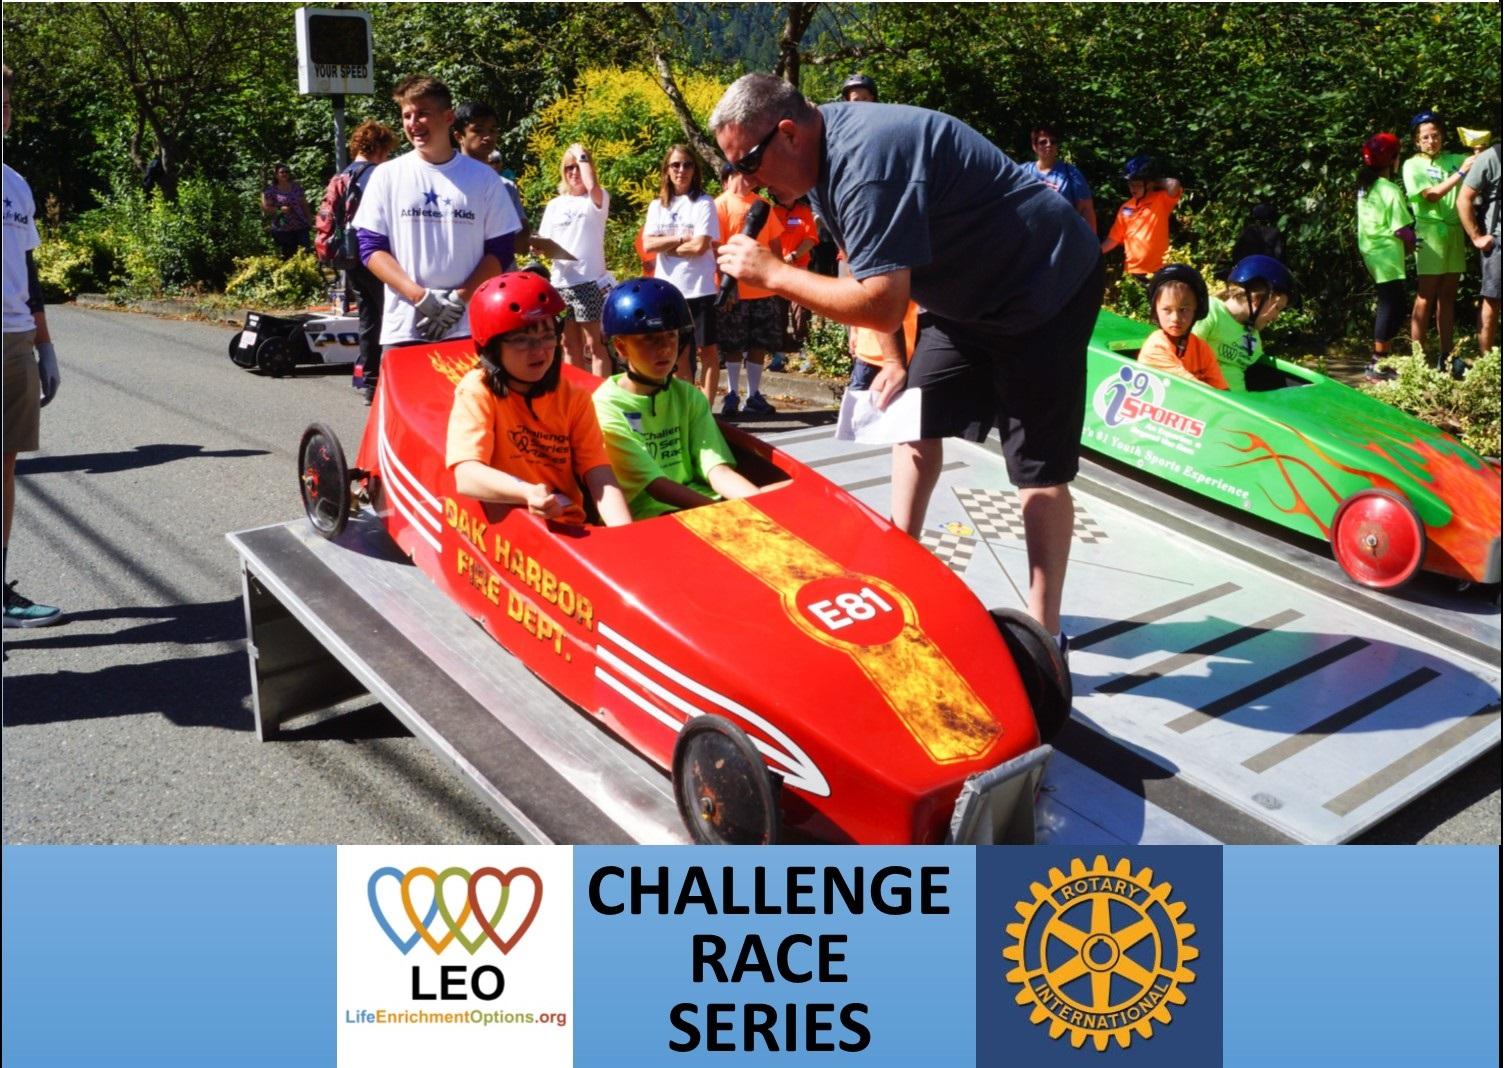 ChallengeRacePhoto4WebSlideshow4